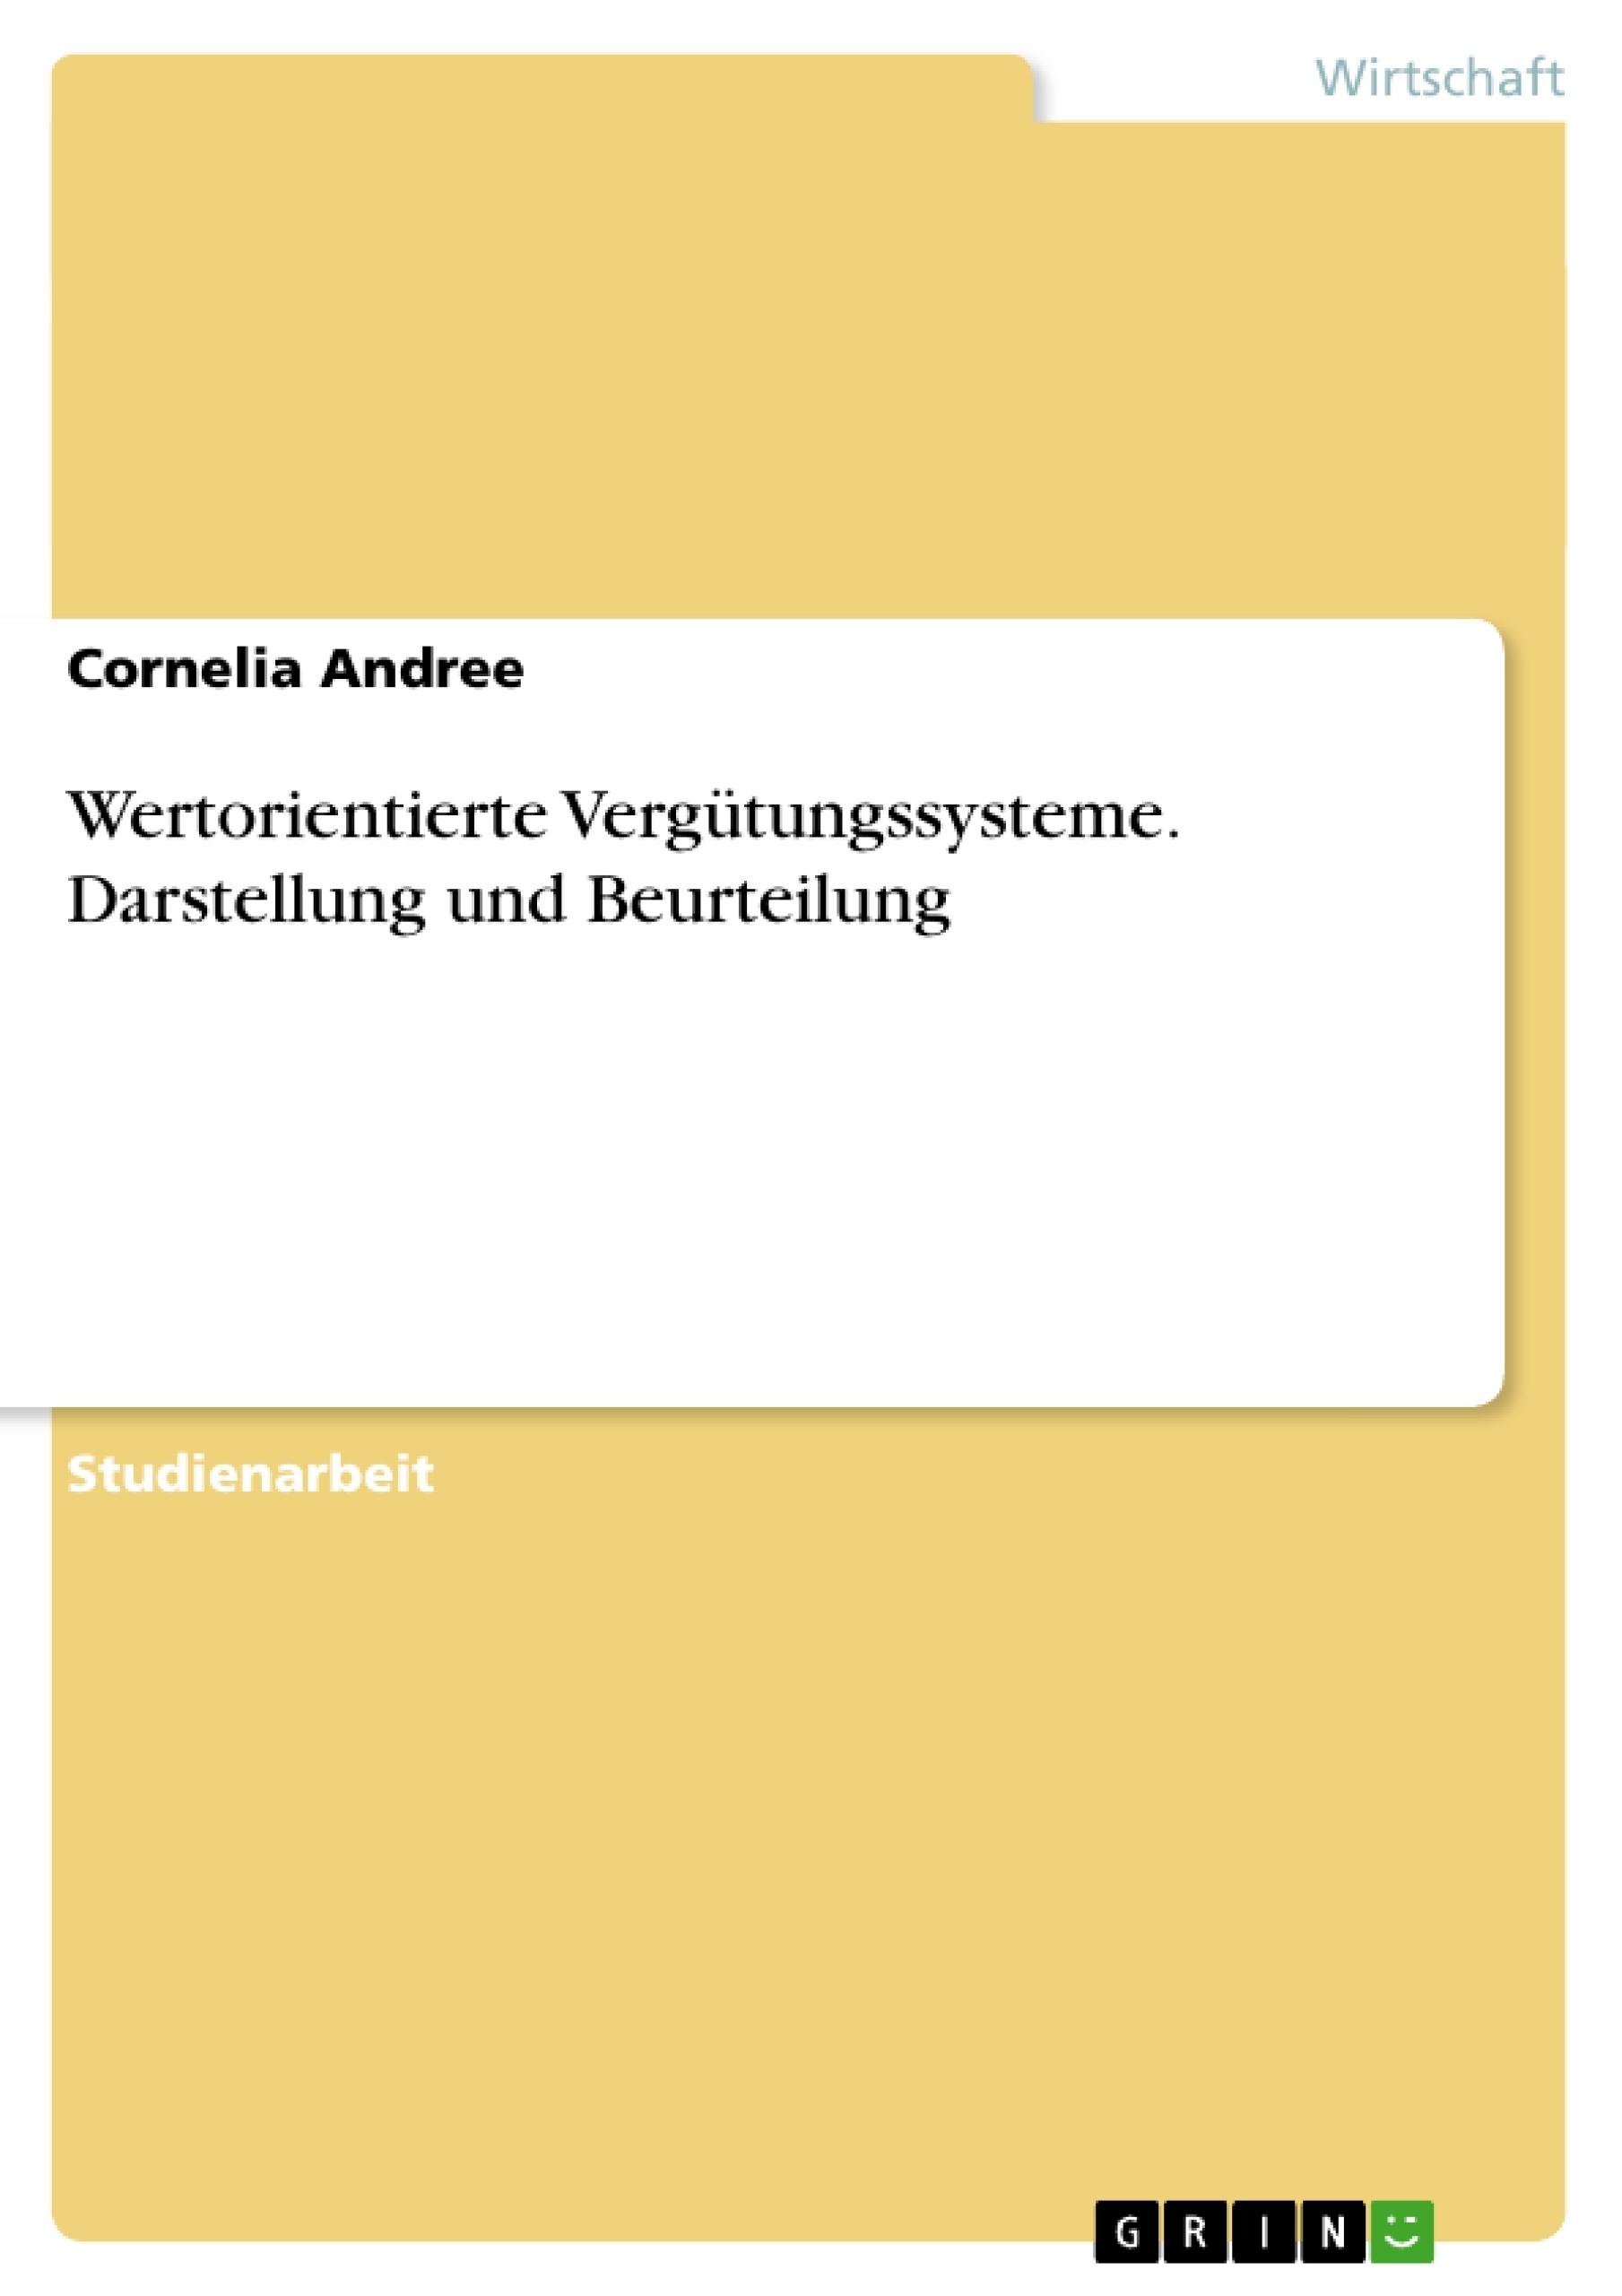 Titel: Wertorientierte Vergütungssysteme. Darstellung und Beurteilung